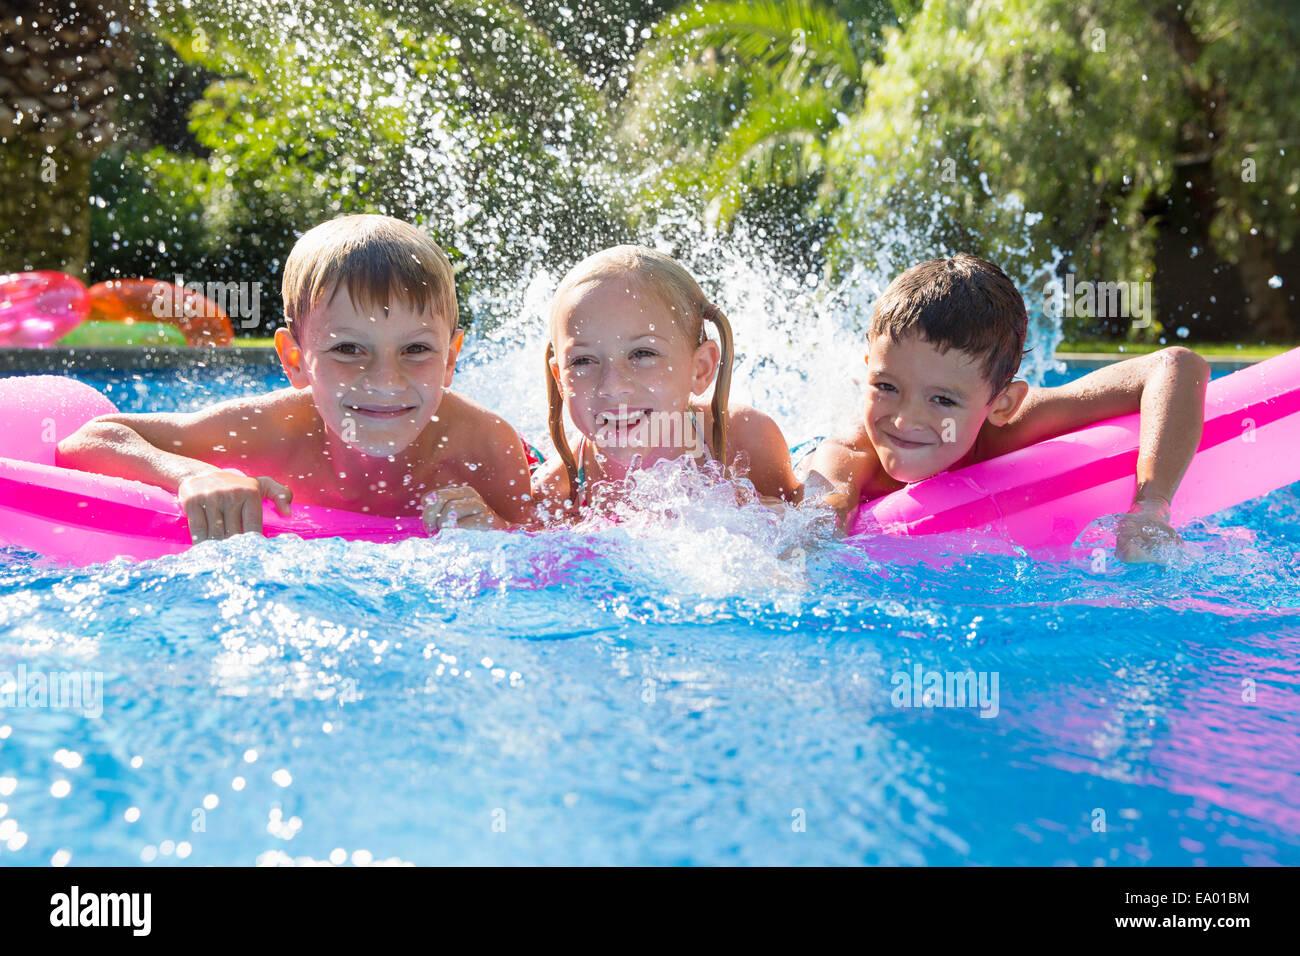 Swimmingpool im garten kinder  Porträt von drei Kindern plantschen auf Luftmatratze im Garten ...